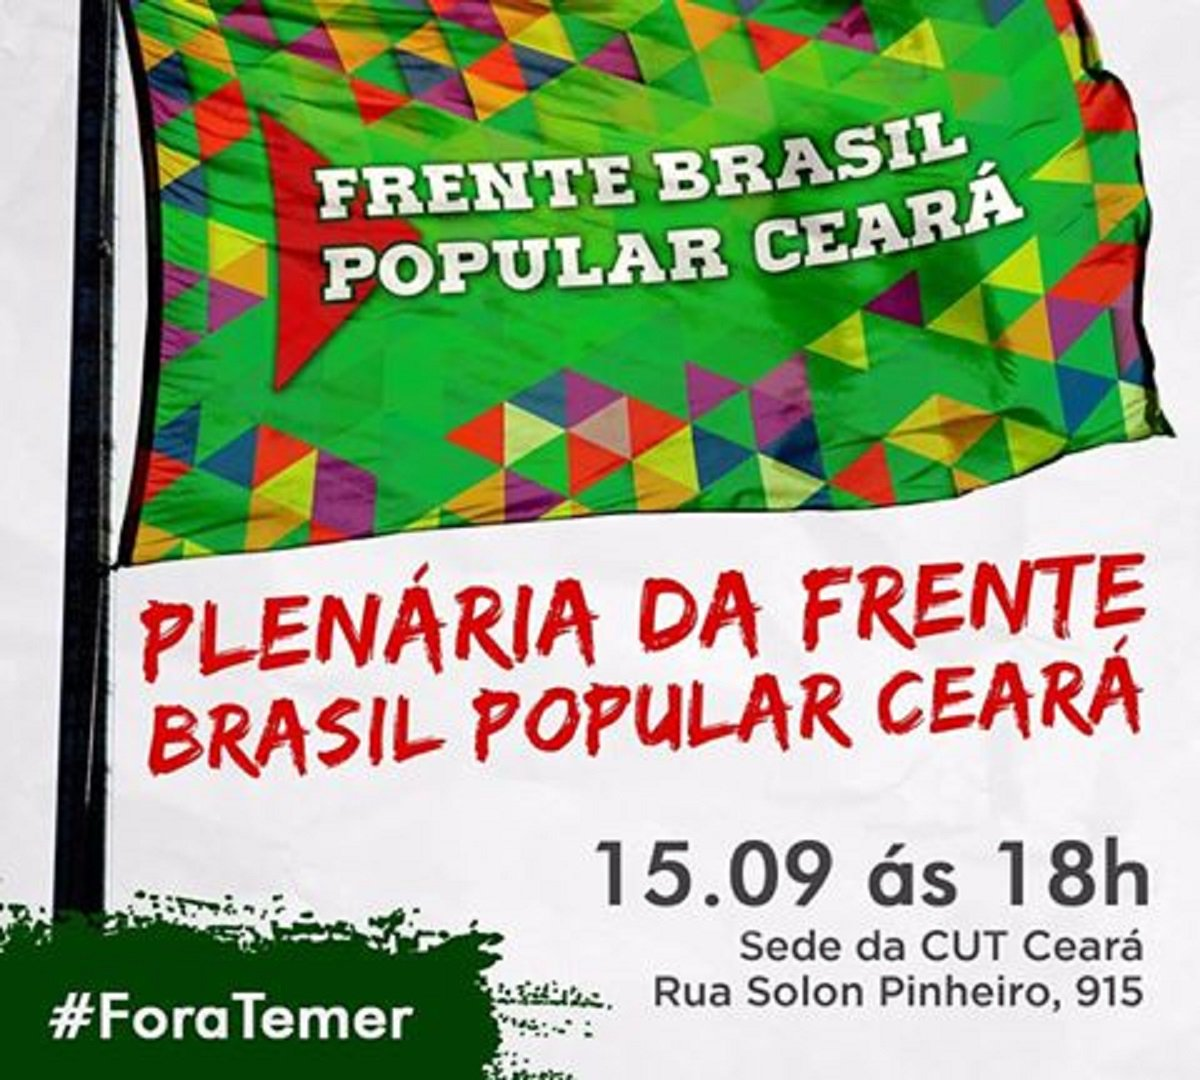 A Frente Brasil Popular do Ceará convocou para hoje, a partir das 18 horas, na sede da CUT Ceará, uma plenária geral que vai organizar a adesão à paralisação nacional, marcada para o dia 22 de setembro